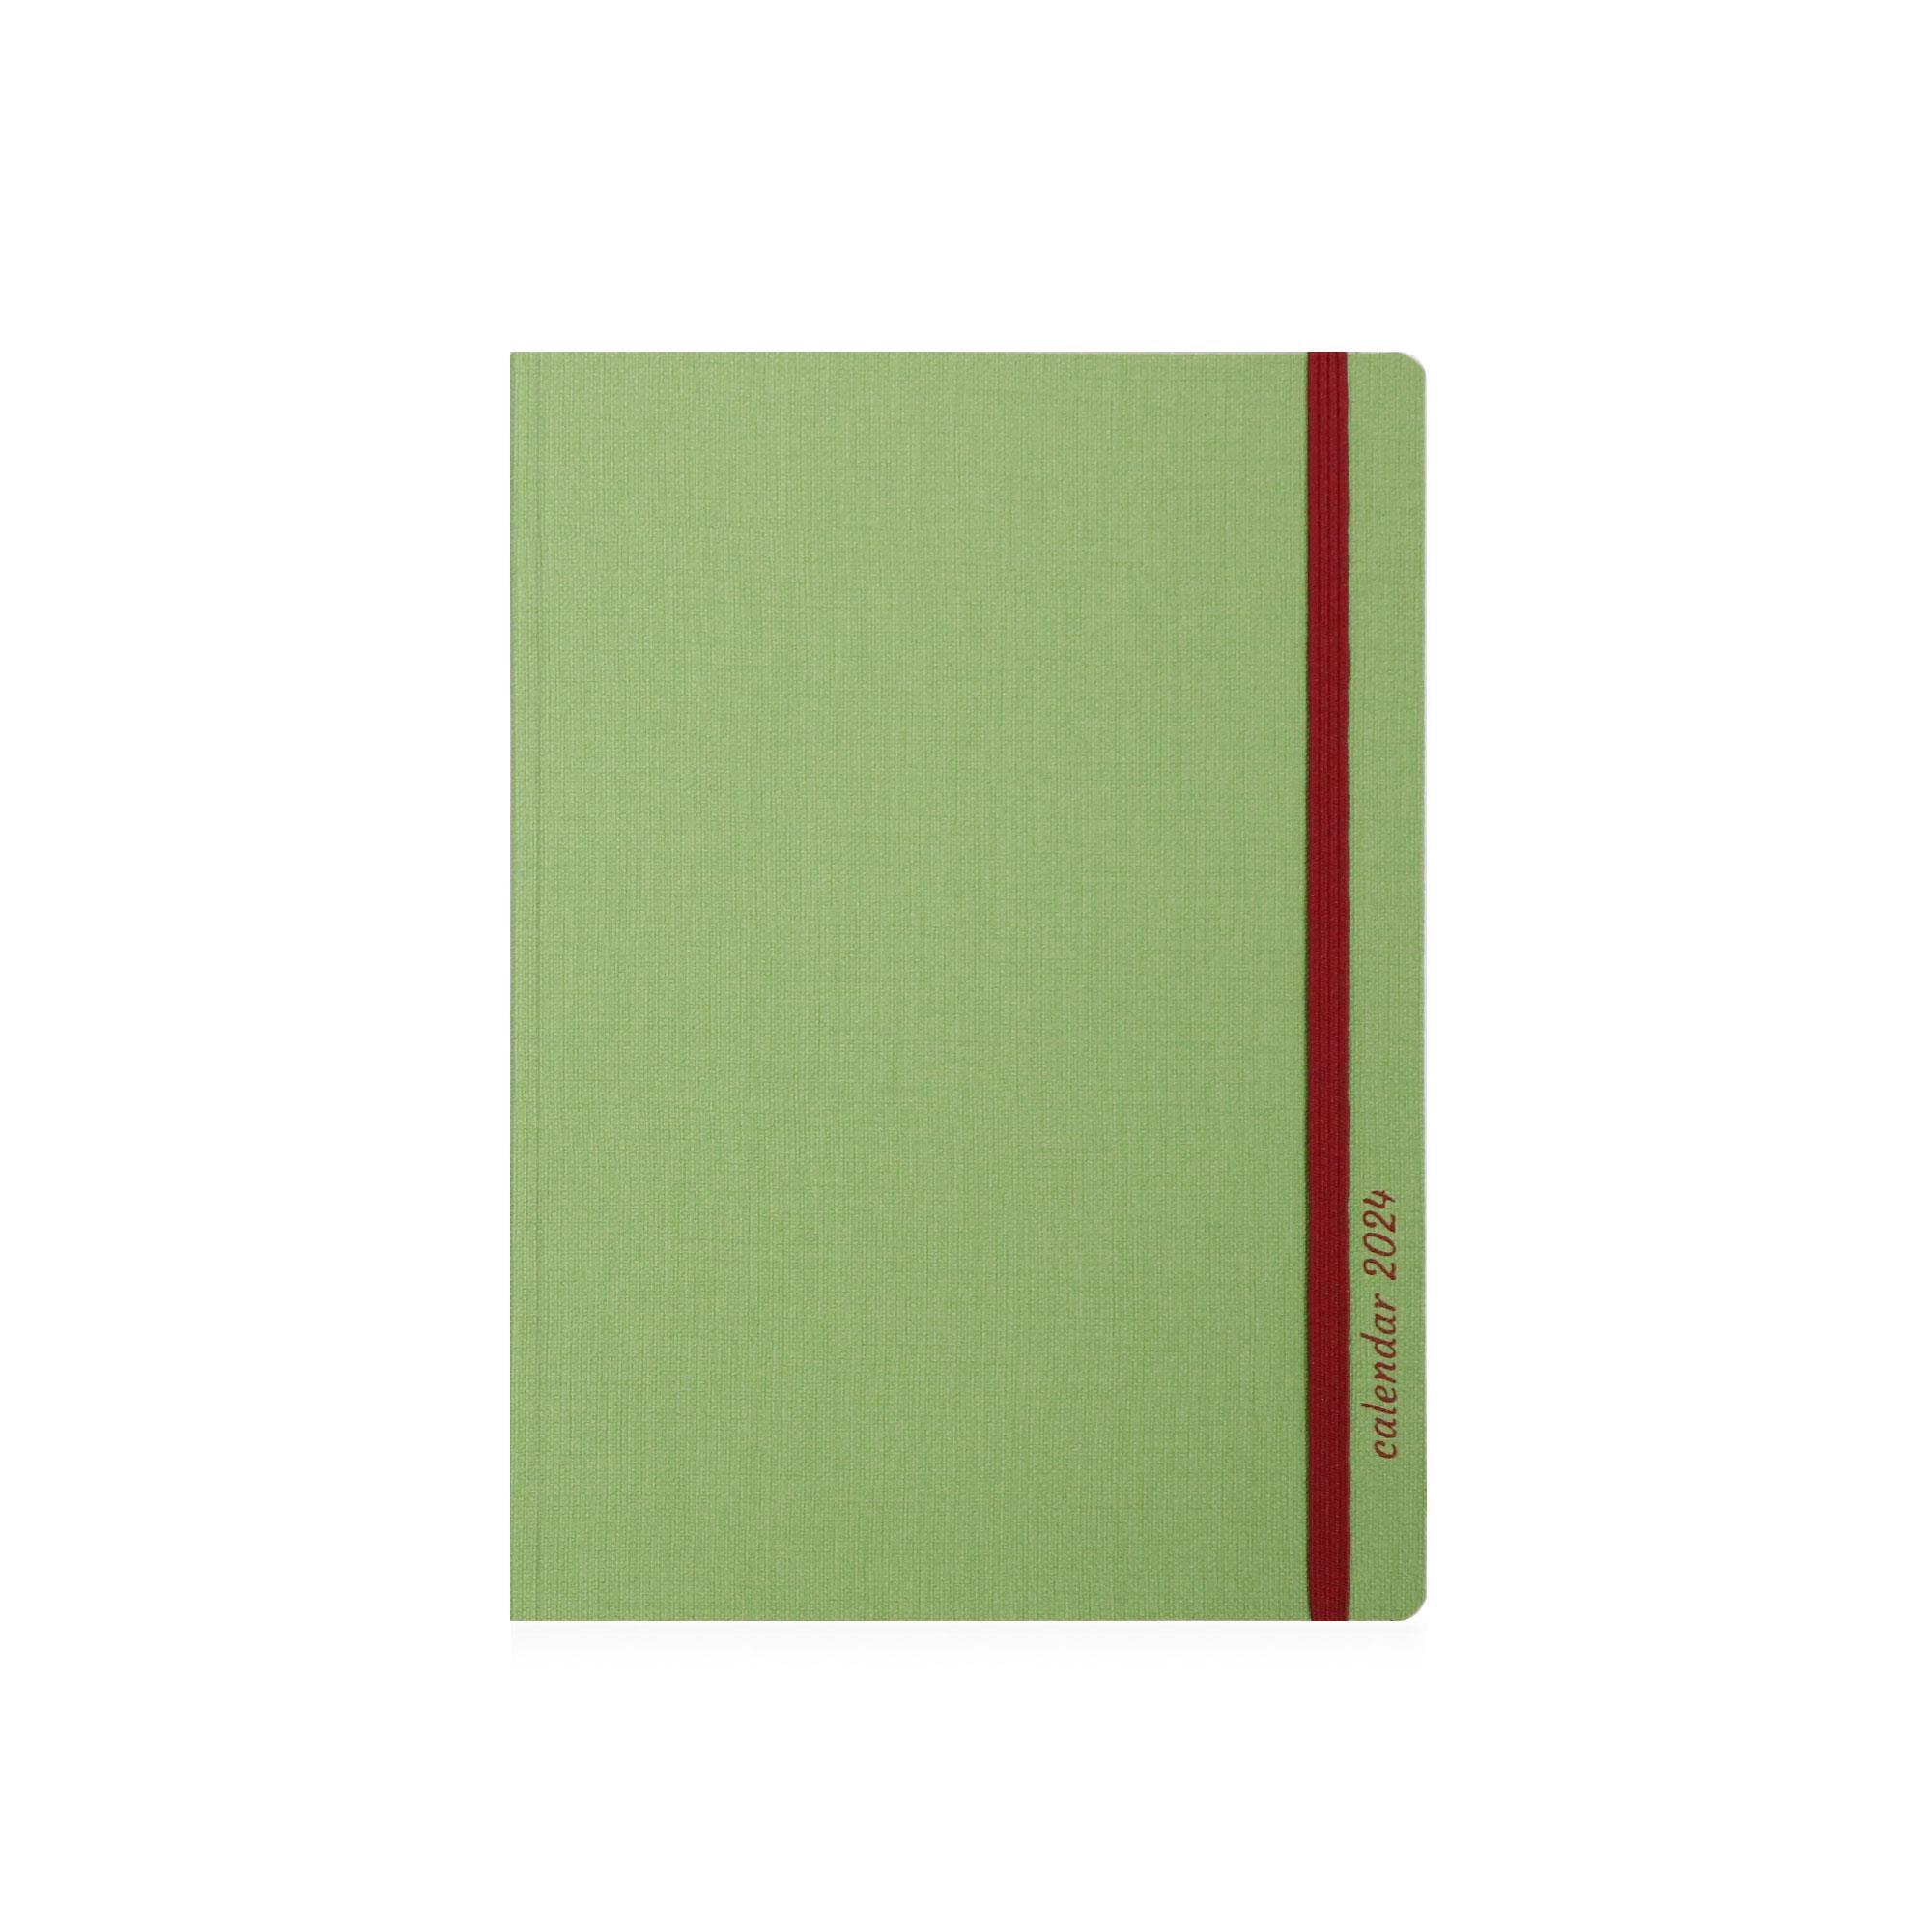 Ημερολόγιο 2022 14x21 Ekdosis No mad πράσινο